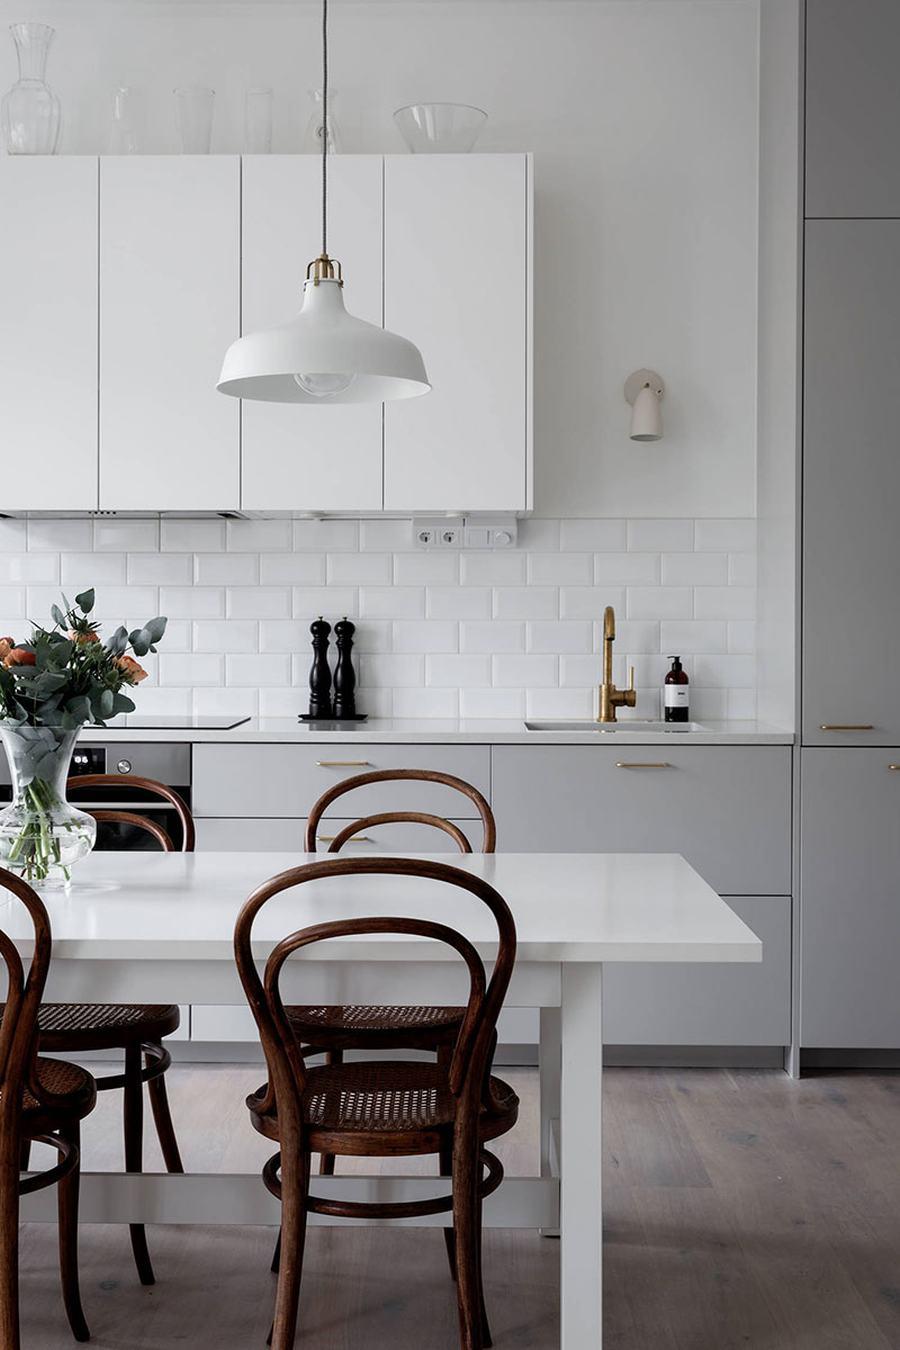 7 semplici miglioramenti che ti aiuteranno a vendere la tua casa